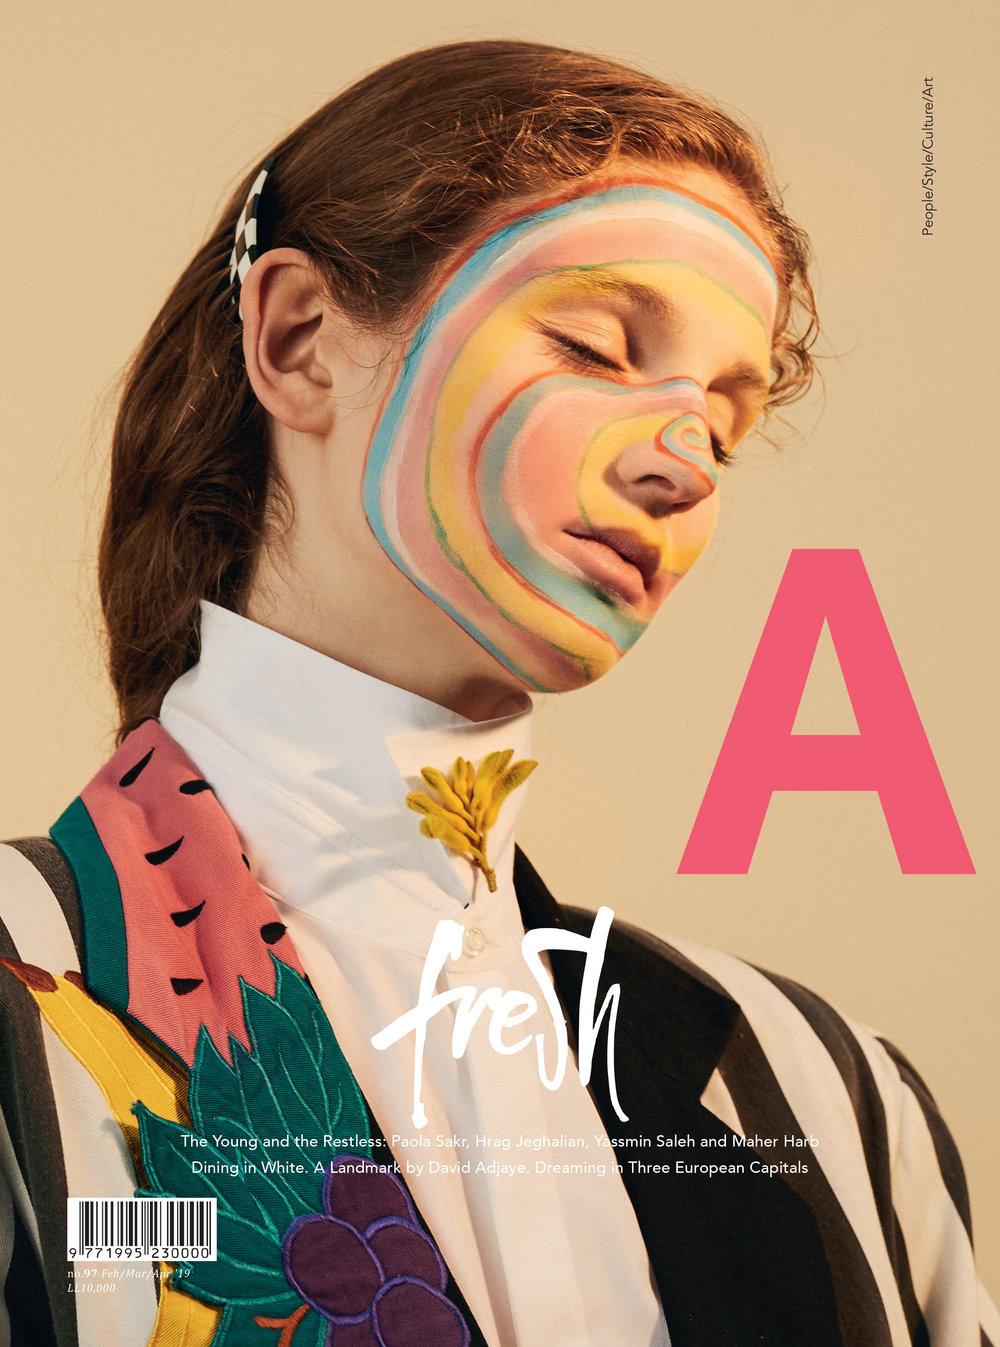 A magazine_Paola Sakr